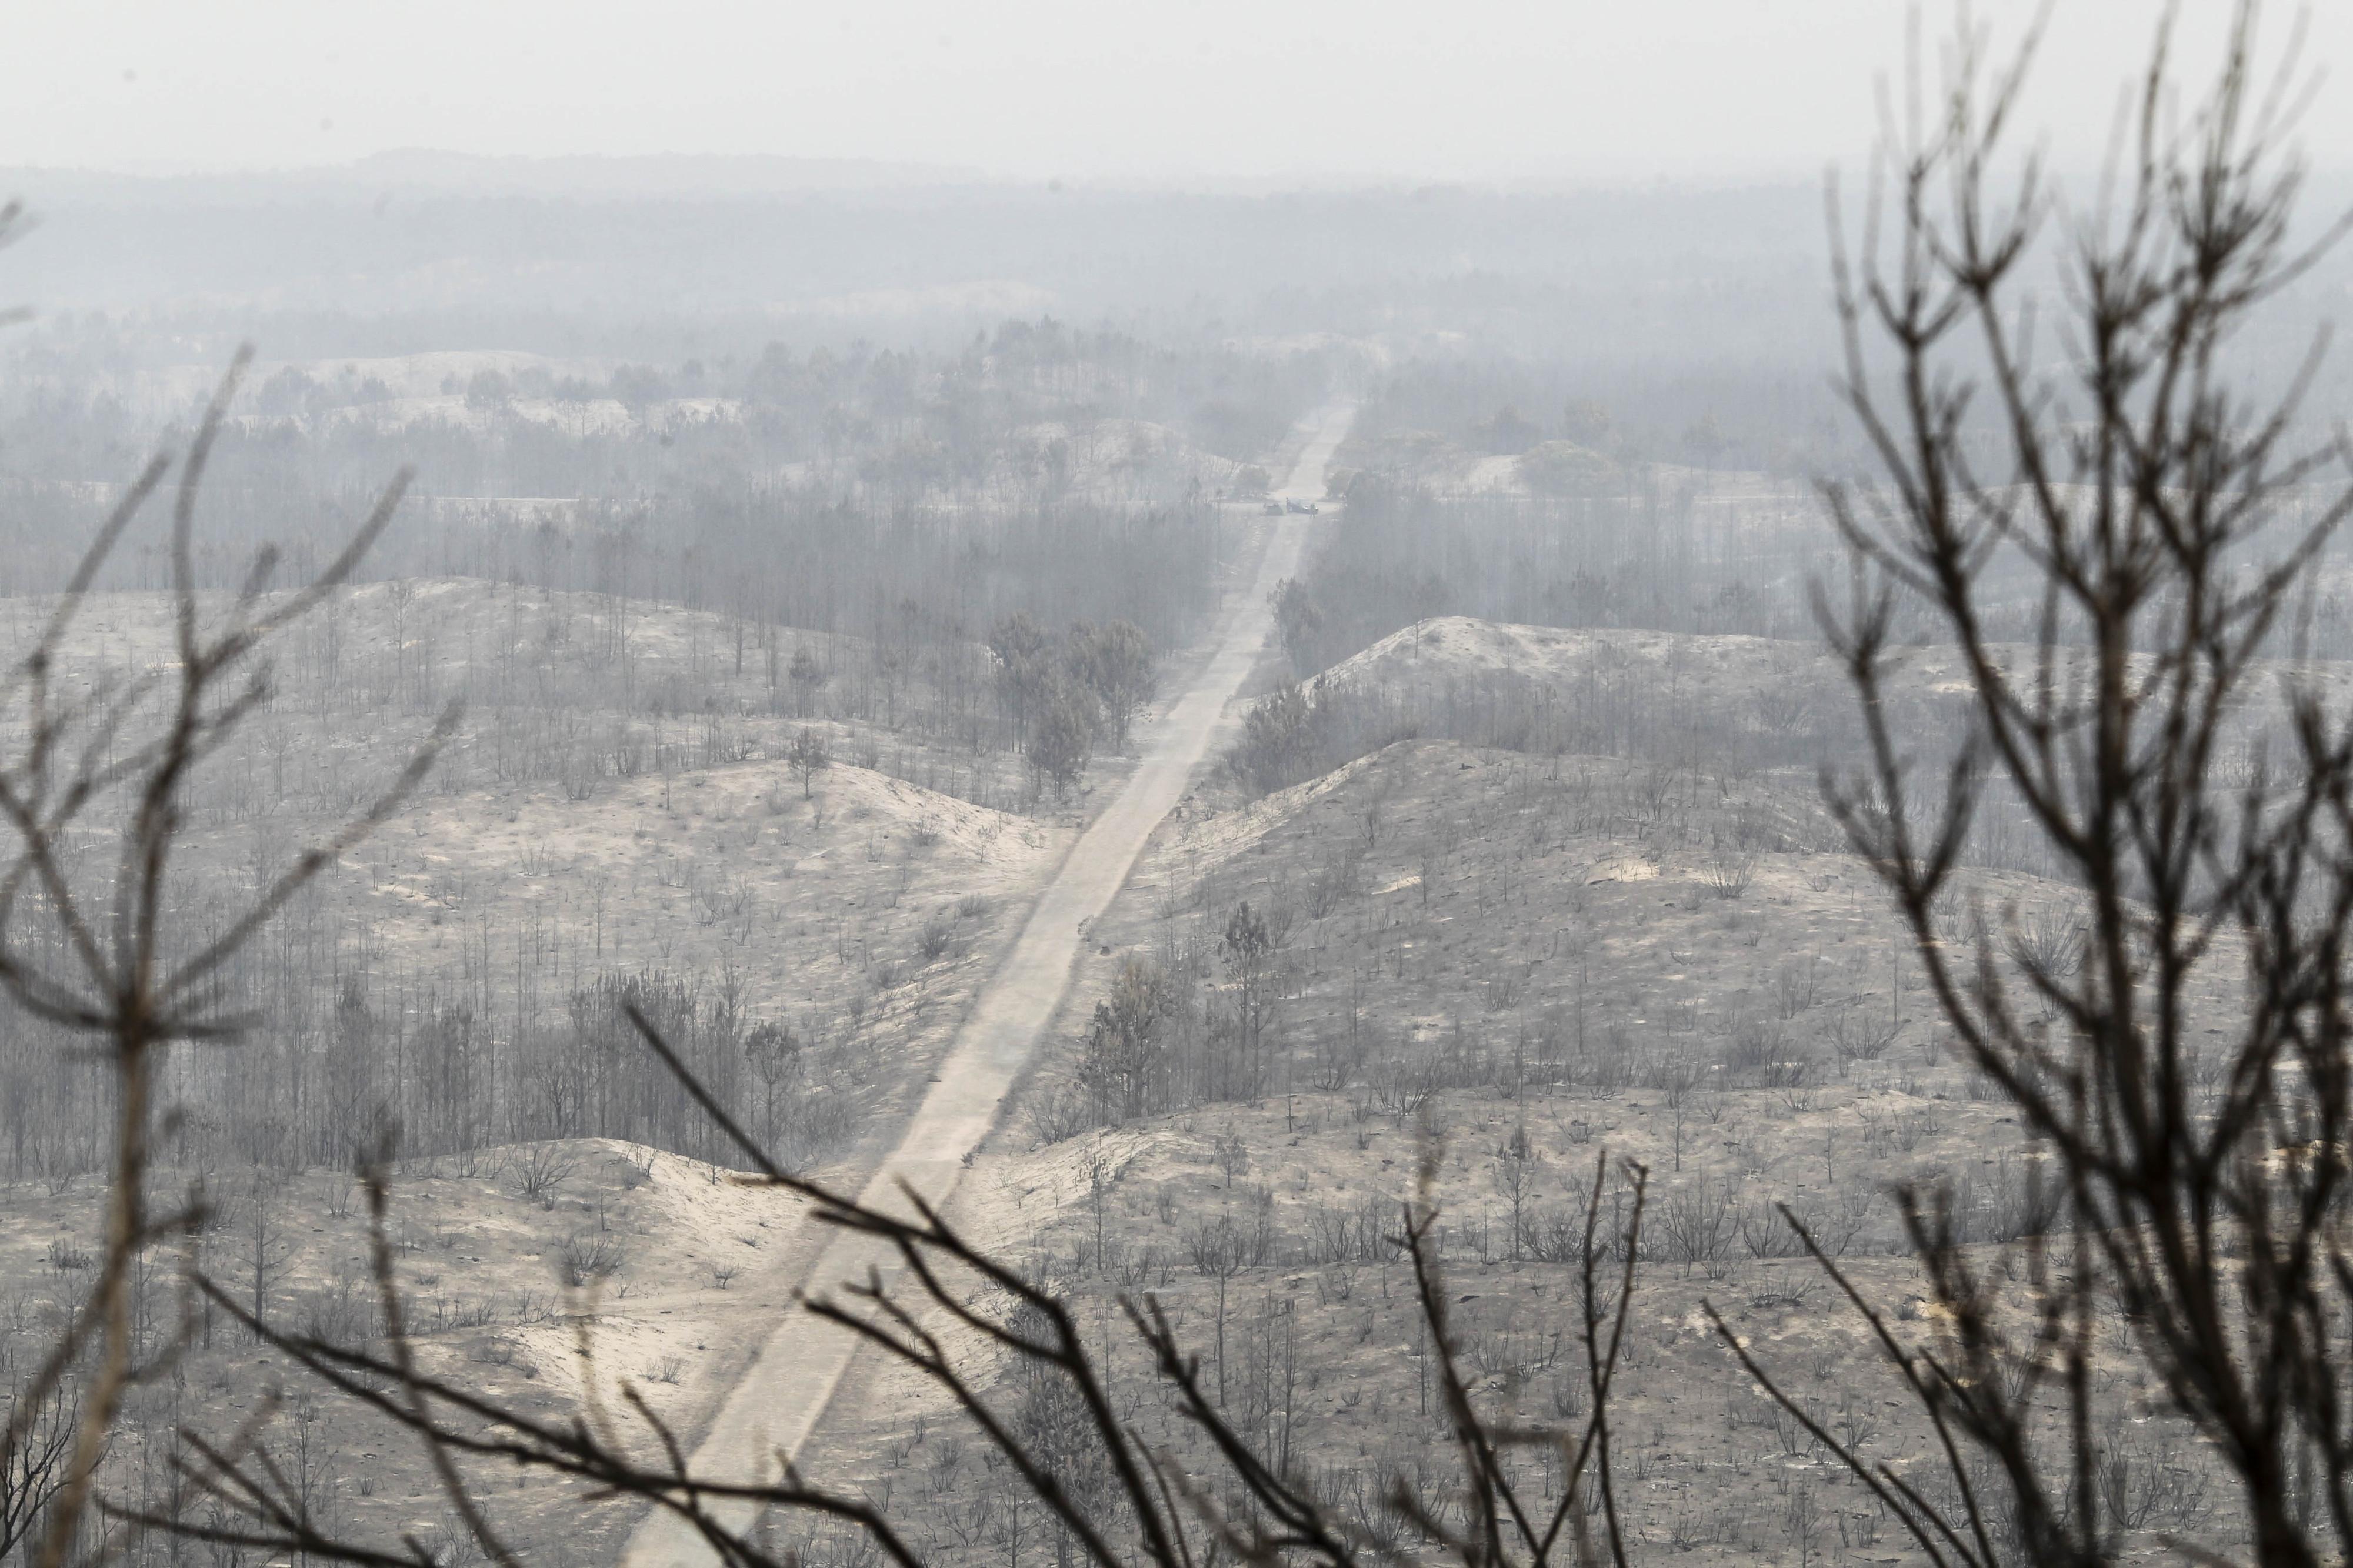 Costa anuncia unidade de missão para reforma dos sistemas de prevenção e combate aos incêndios